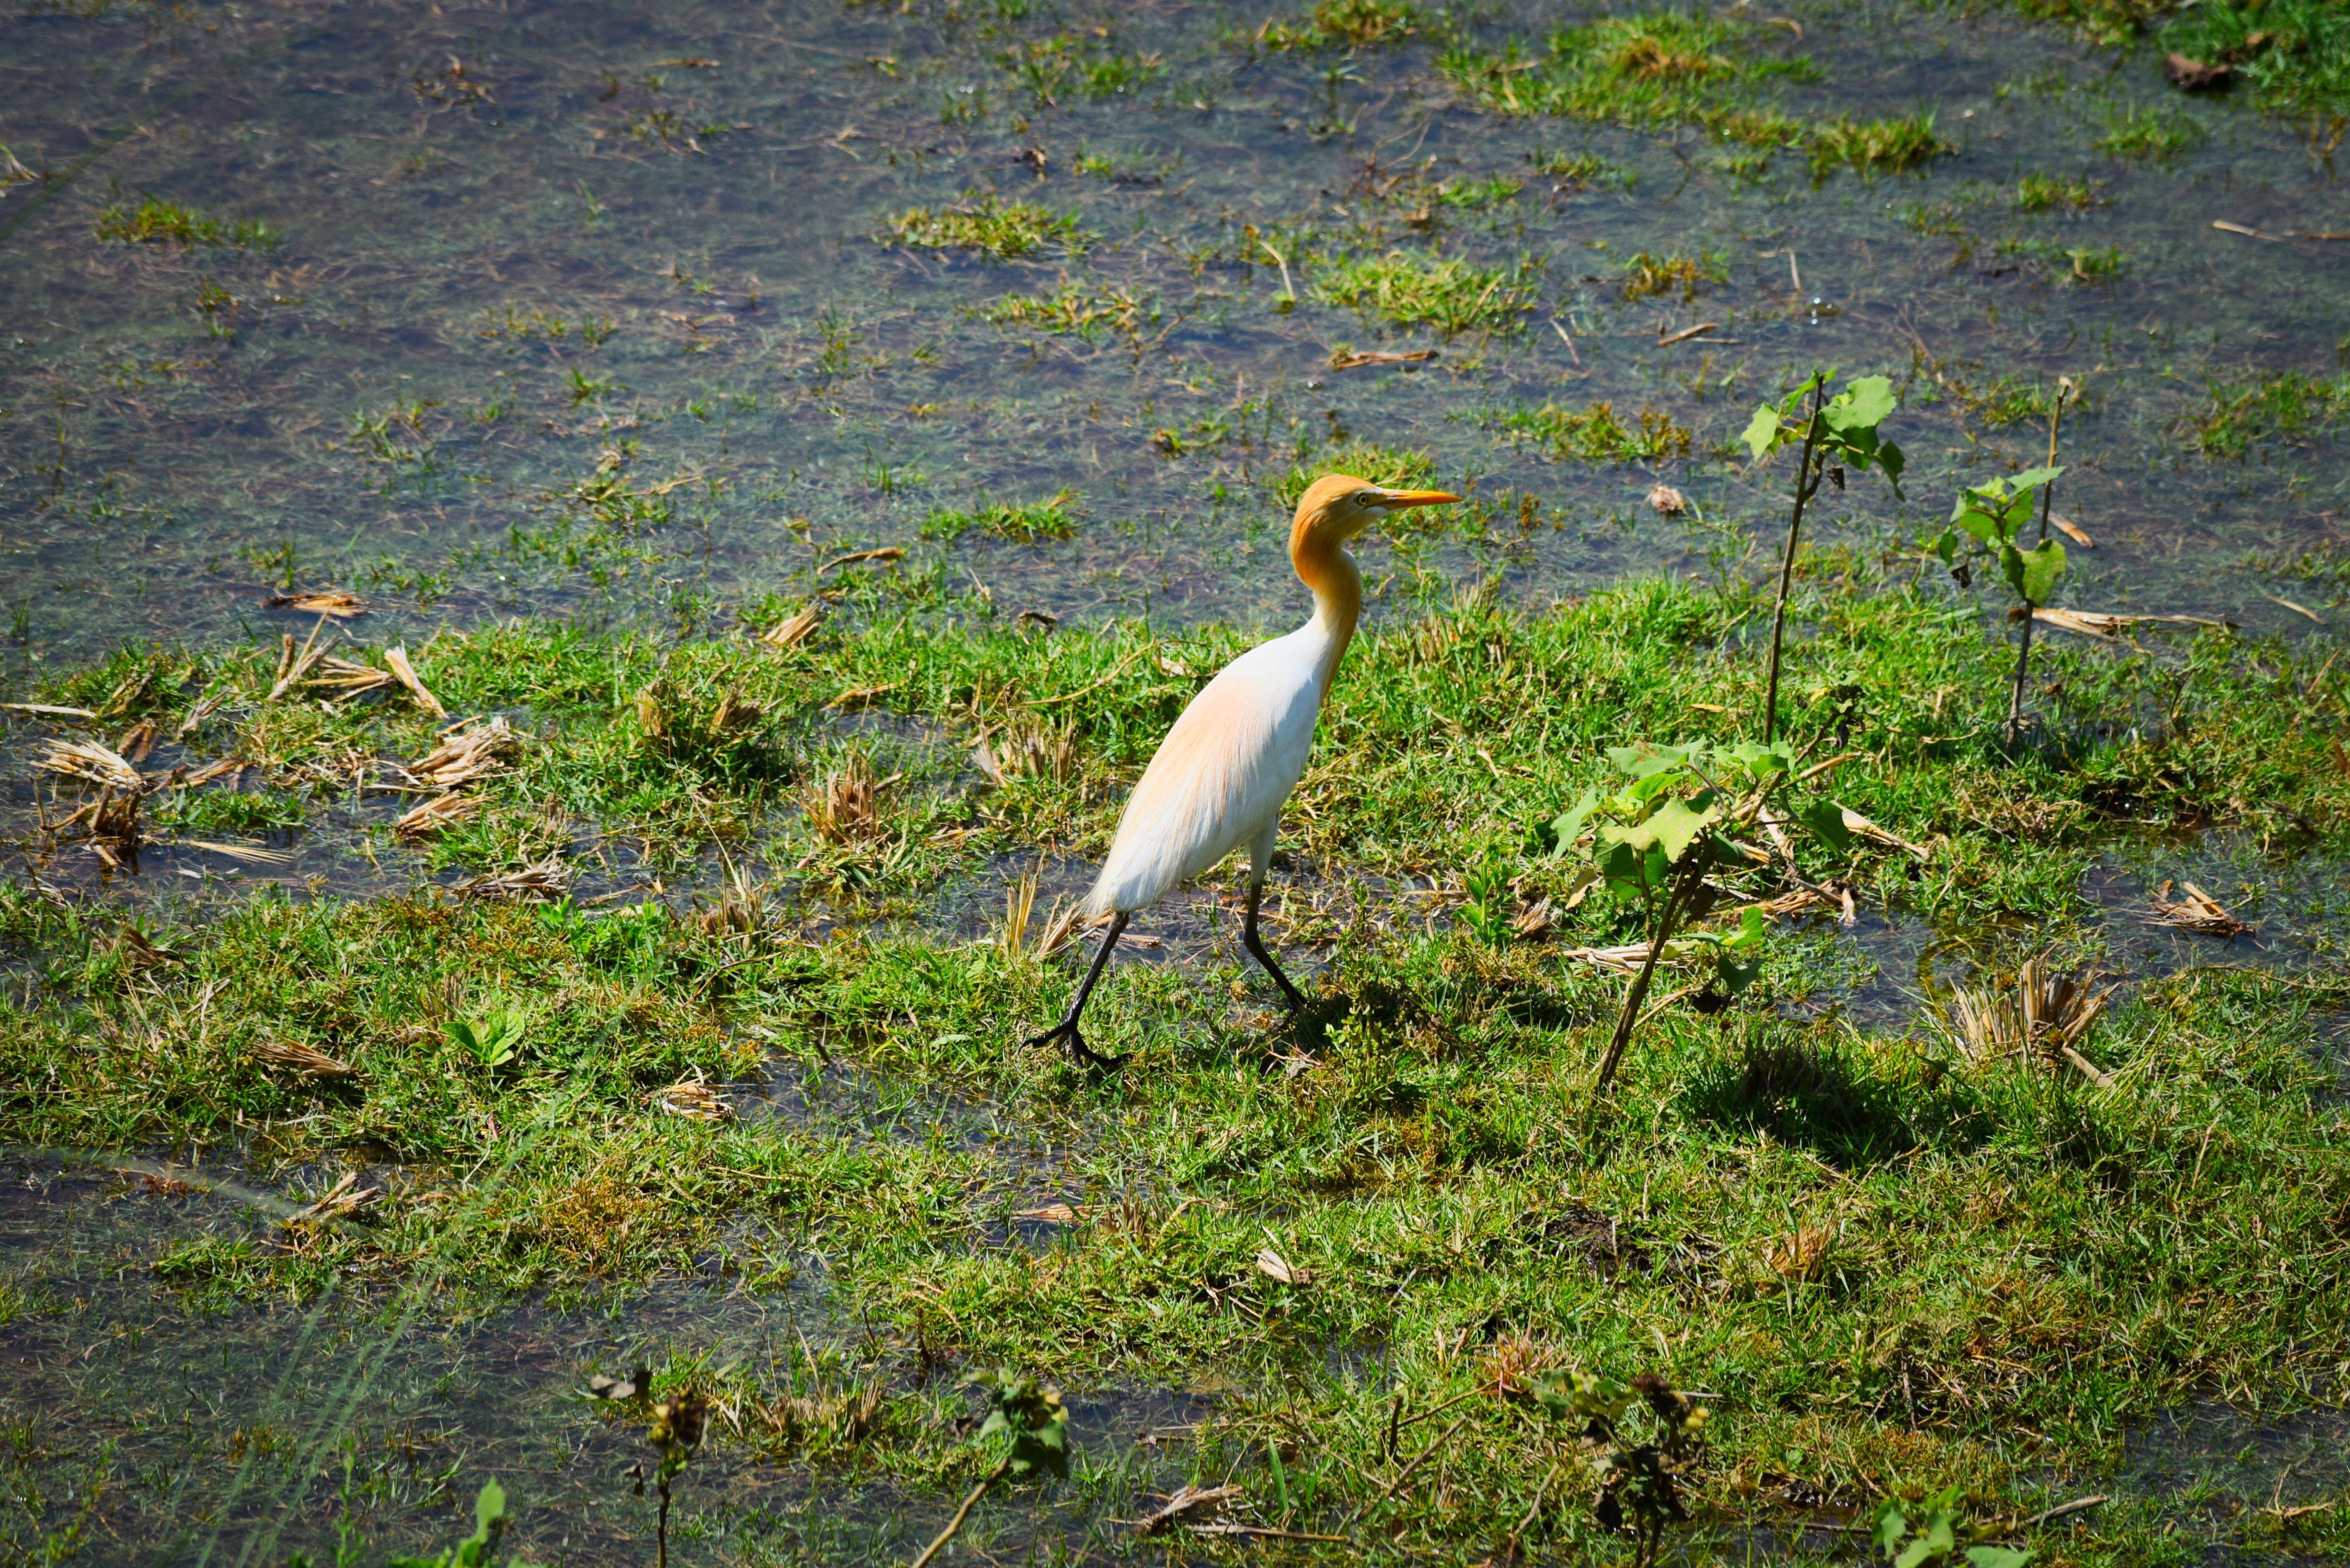 Gratis lagerfoto af fugle, Indien, landsby, natur